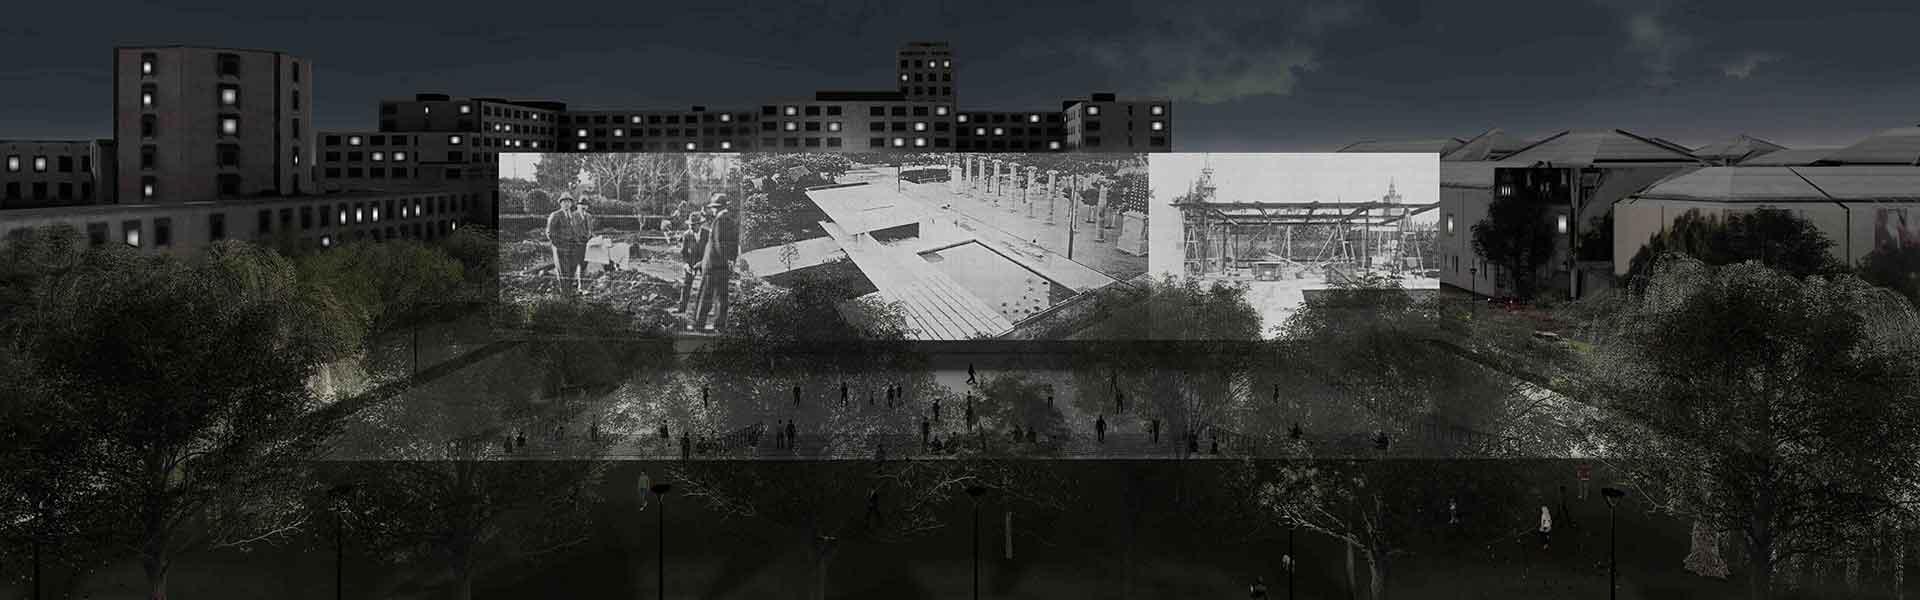 Vivos con María Gomensoro -  Facultad de Arquitectura - Universidad ORT Uruguay